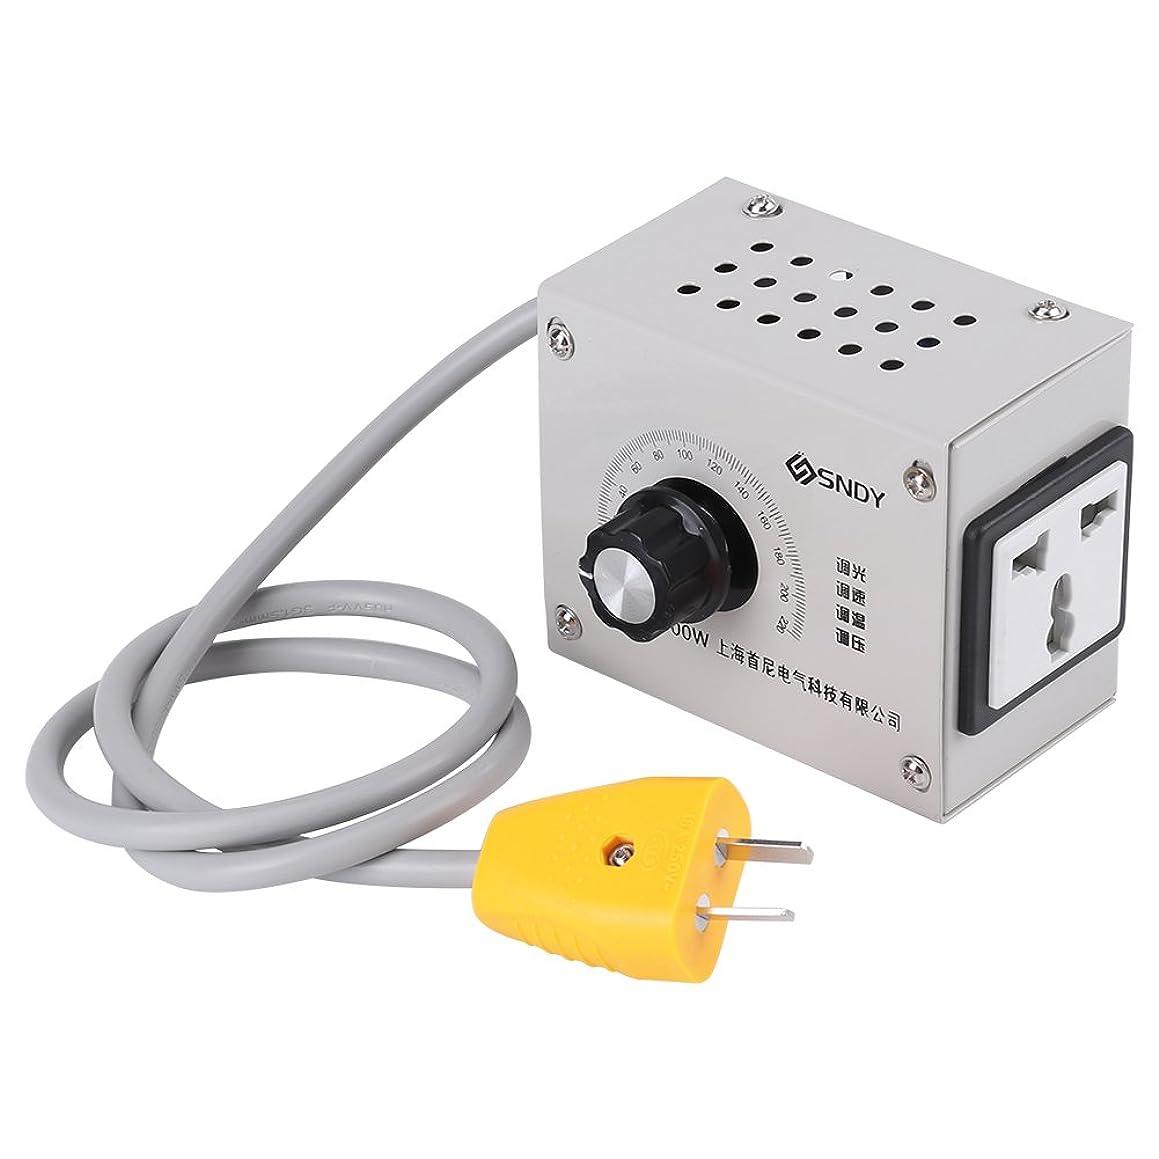 かかわらずインスタンス震え可変電圧コントローラ 電子ボルトレギュレータ USプラグ4000W AC 220V制御ファン速度用モータツール